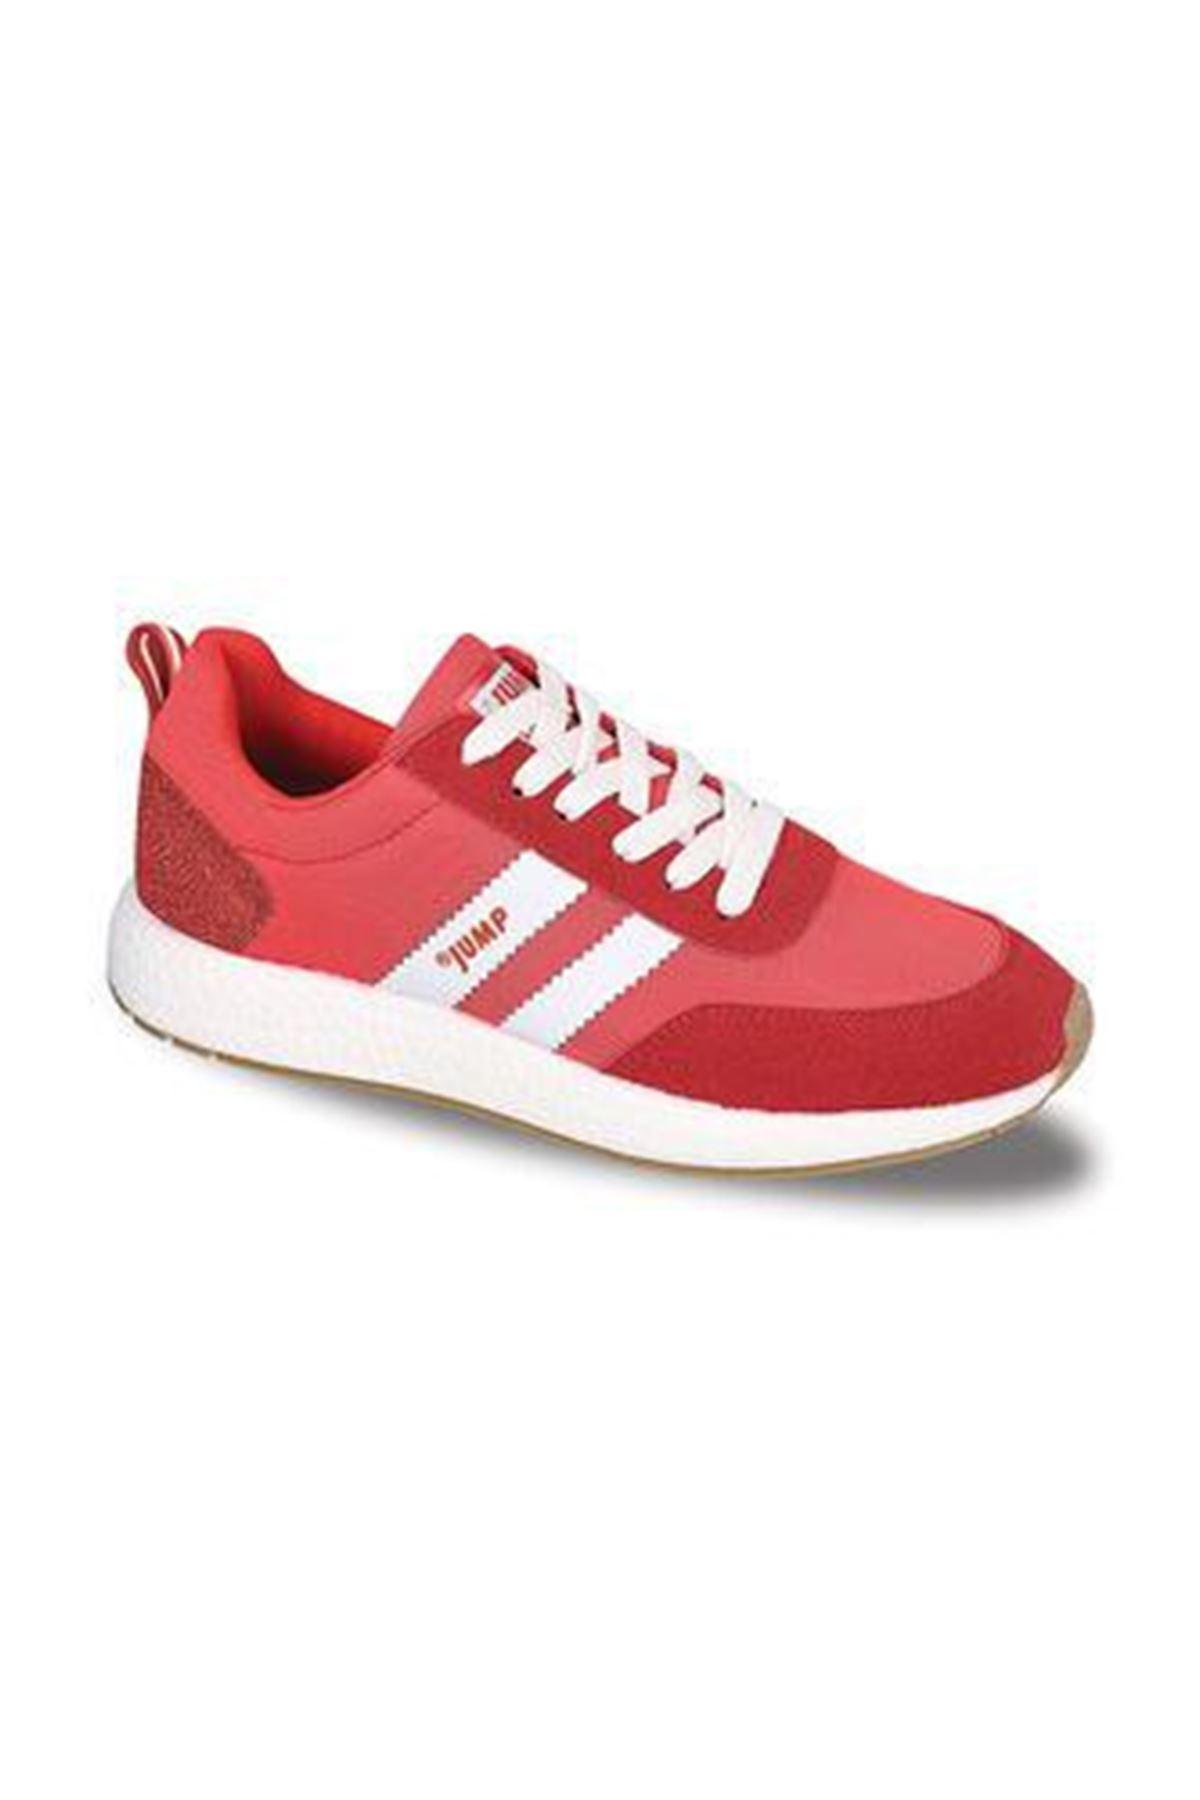 Kırmızı Erkek Spor Ayakkabı Rahat Hafif 26396